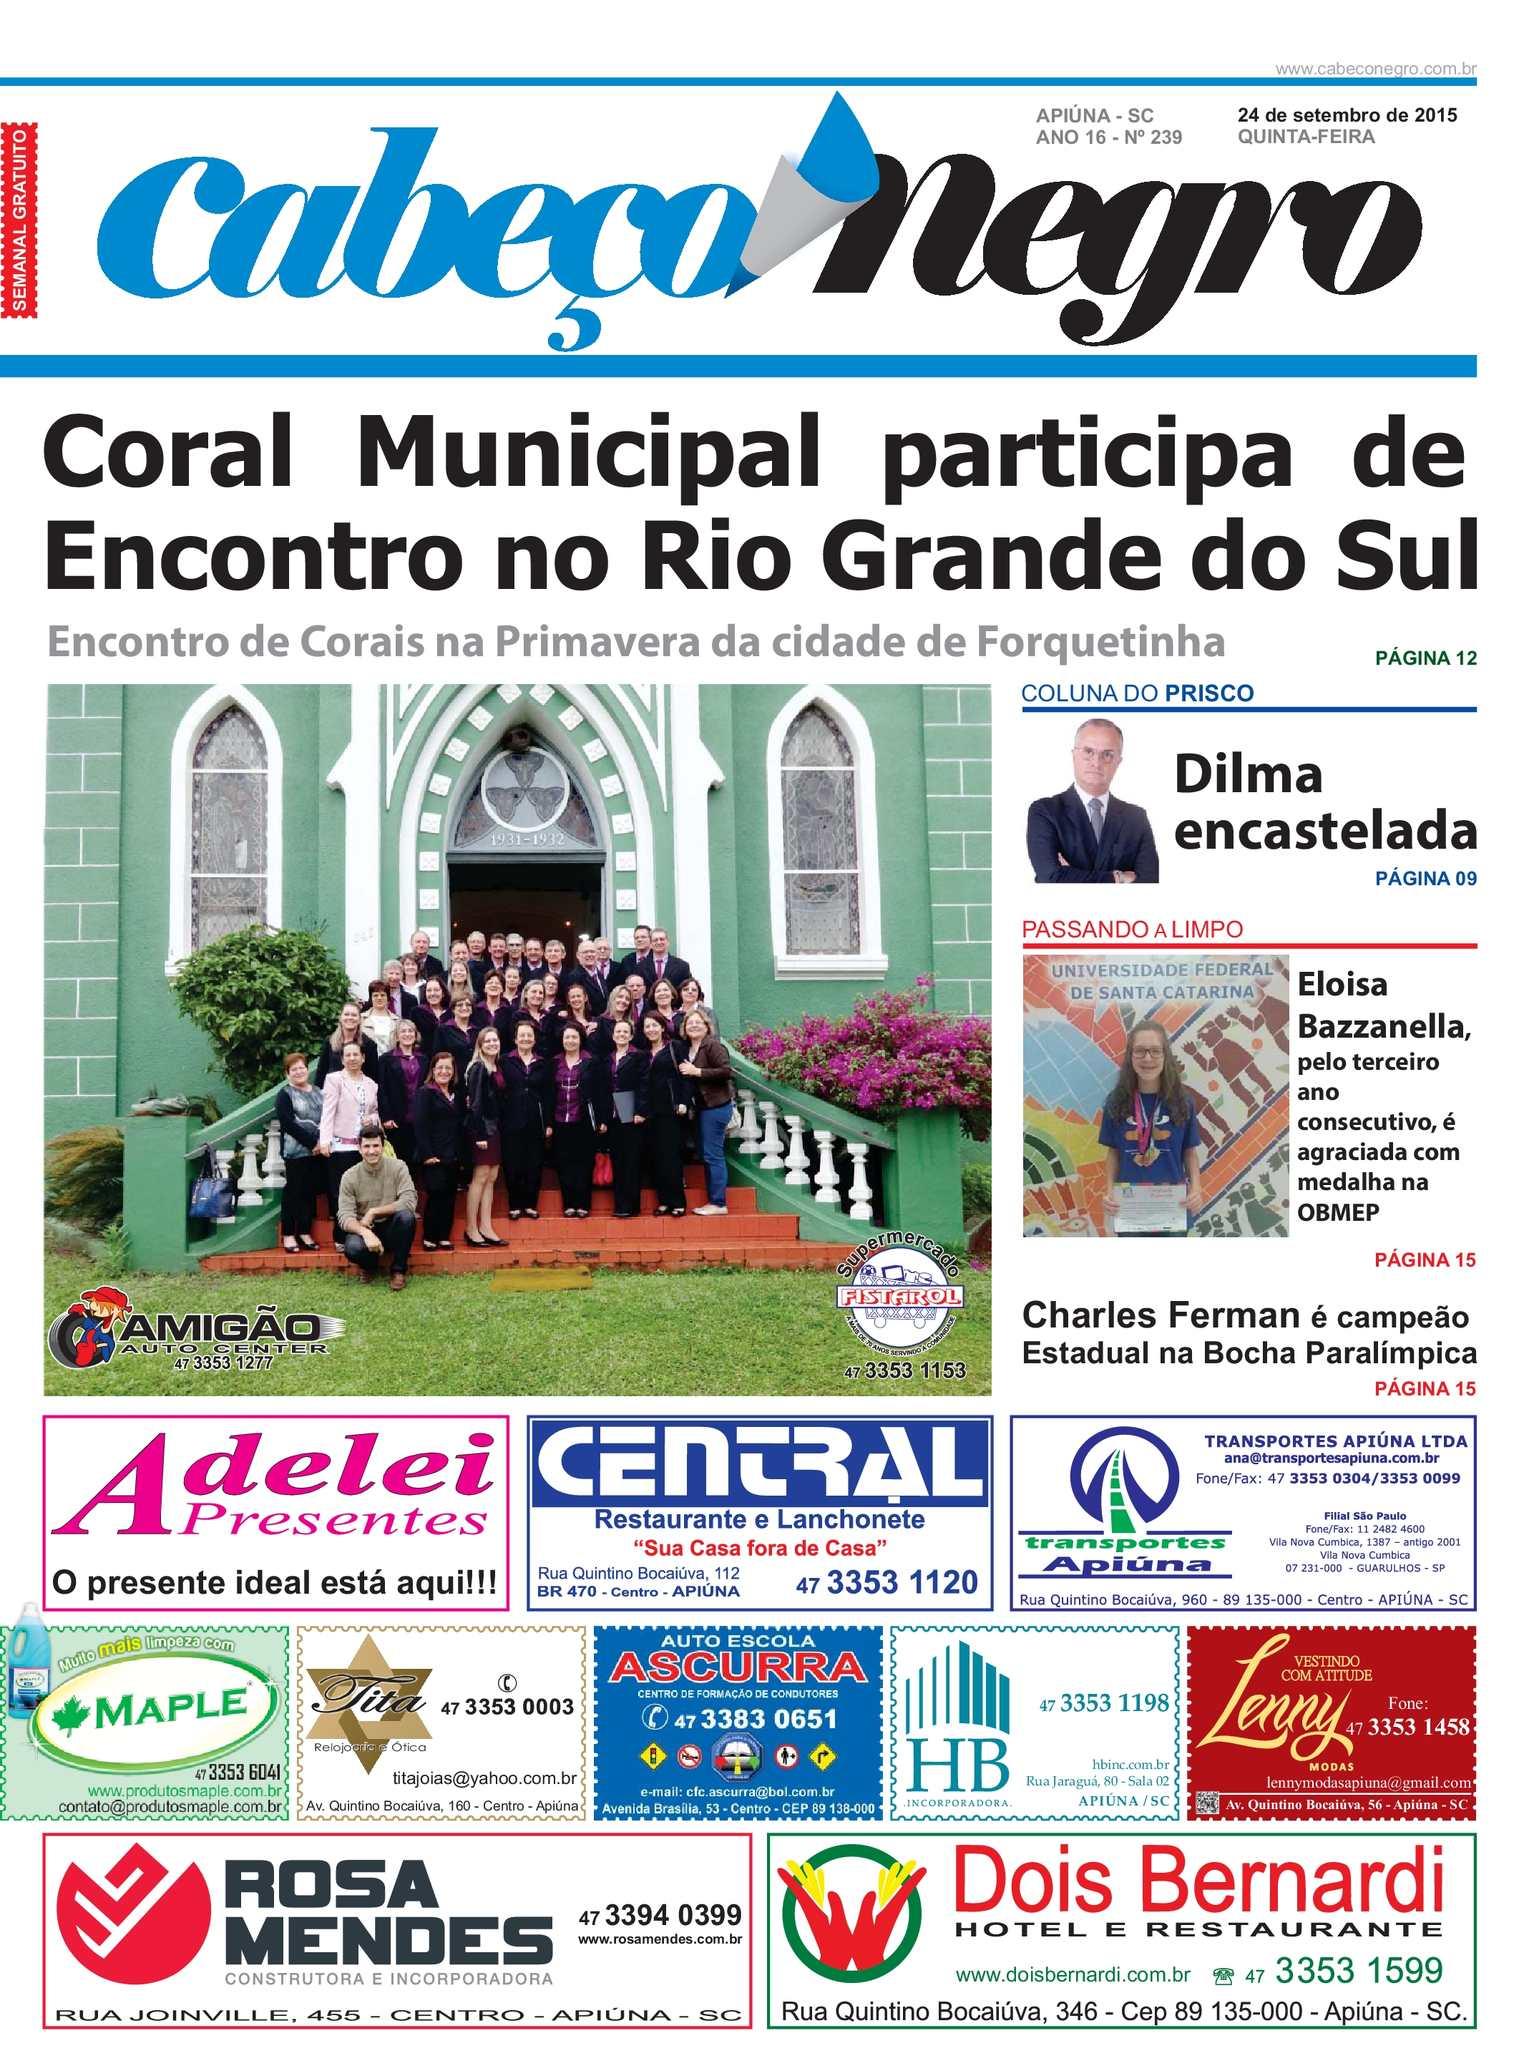 Calaméo - Jornal CABEÇO NEGRO - Edição 239 (24-09-2015) 689af83607